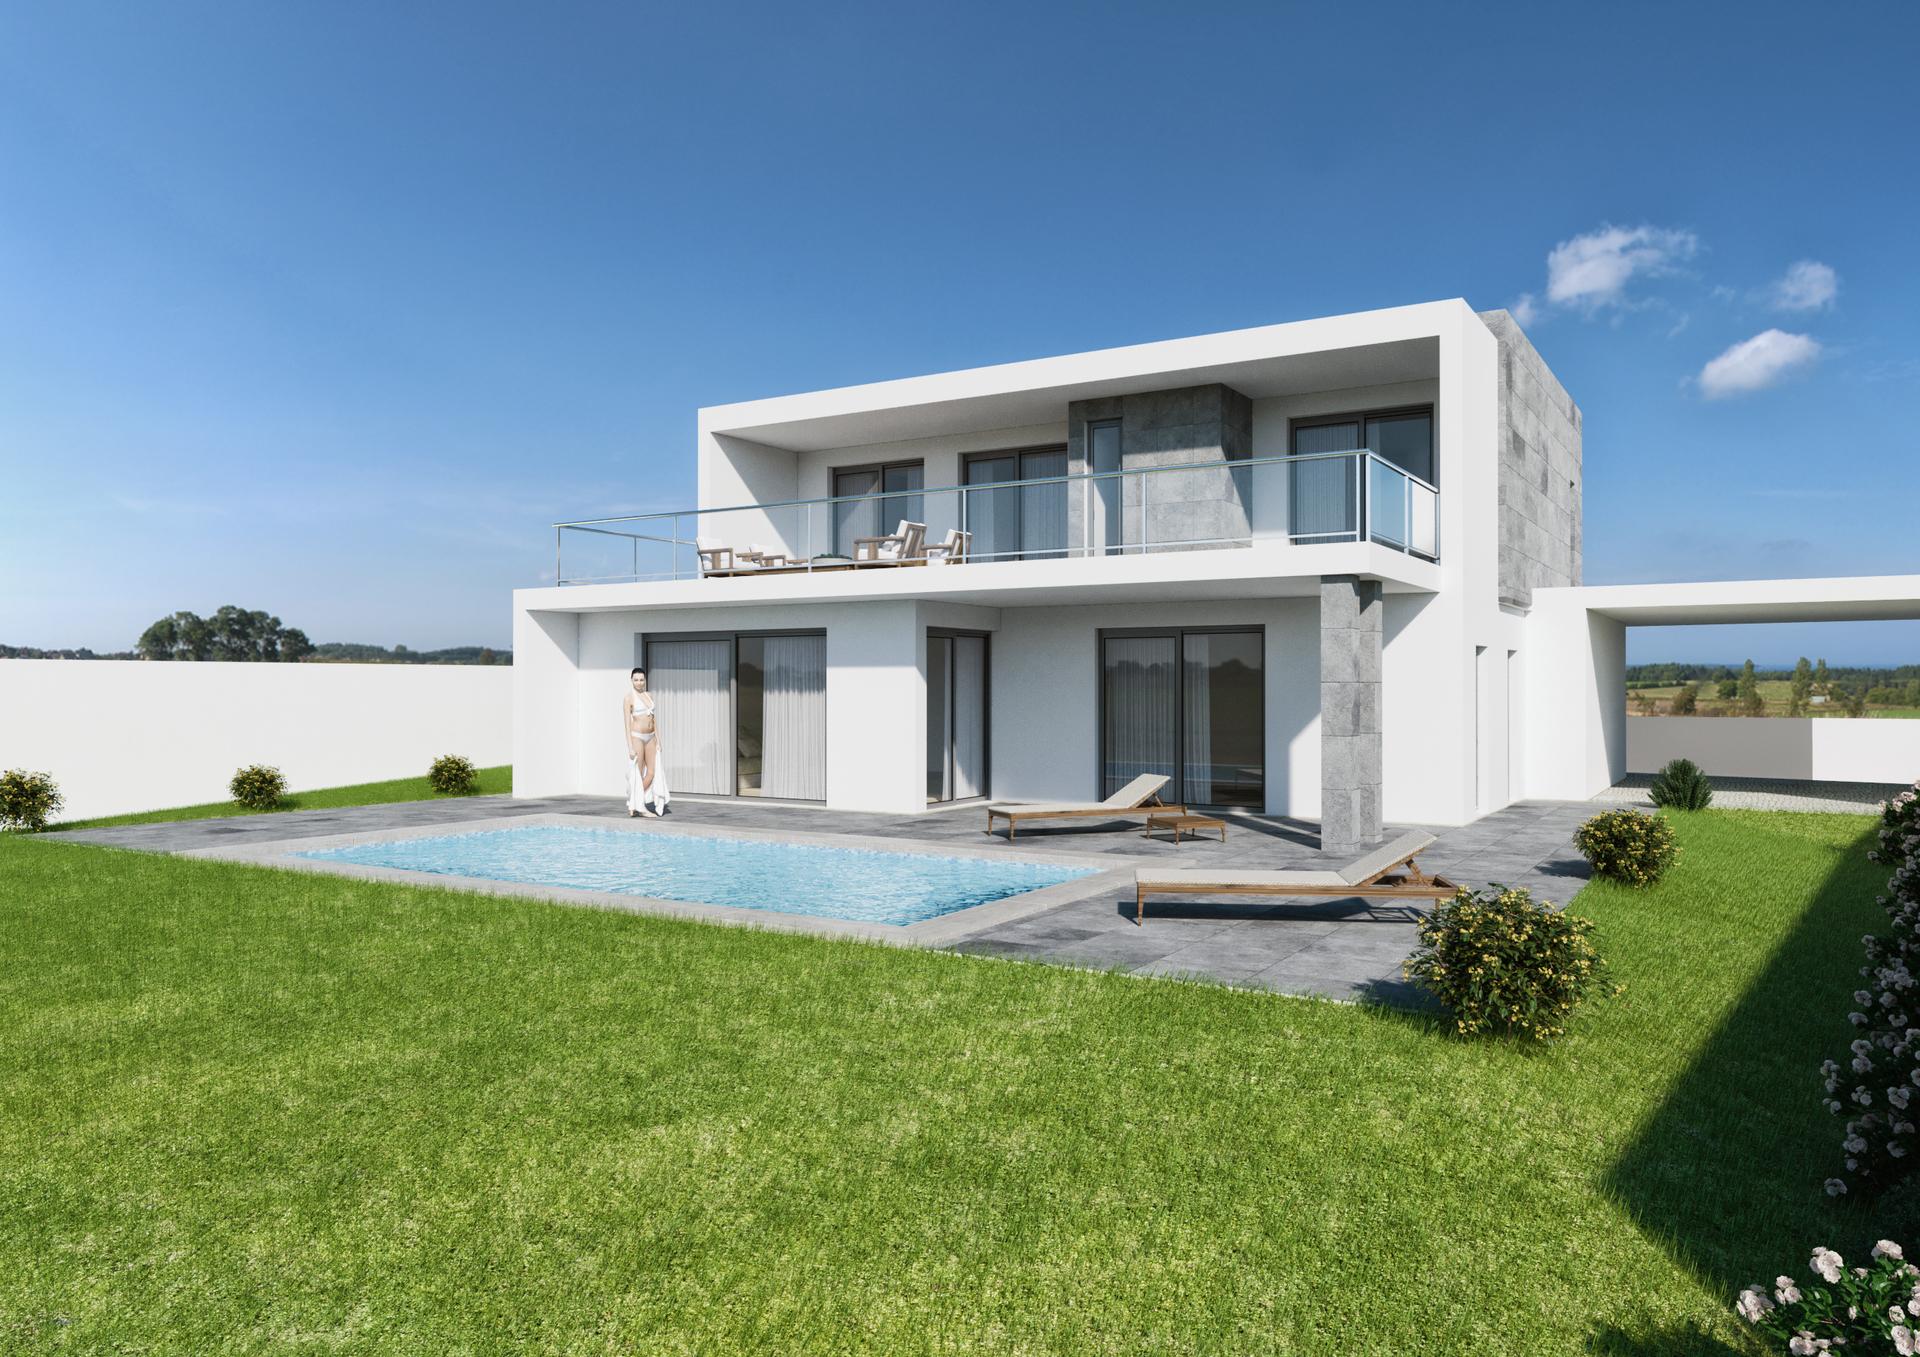 4 Bedroom Villa Caldas da Rainha, Silver Coast Ref: AV1850